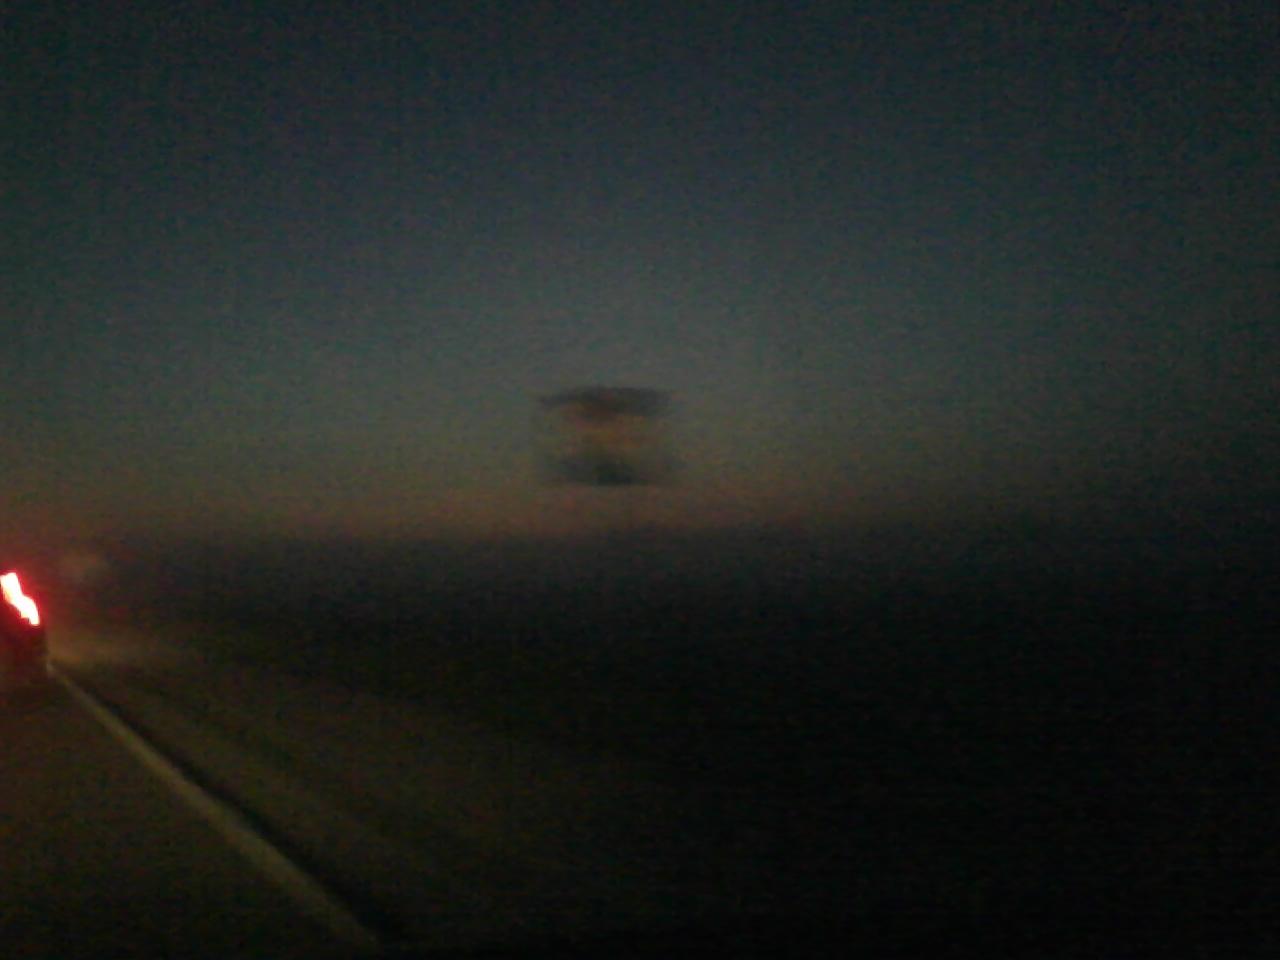 Sky - 0324065137.jpg